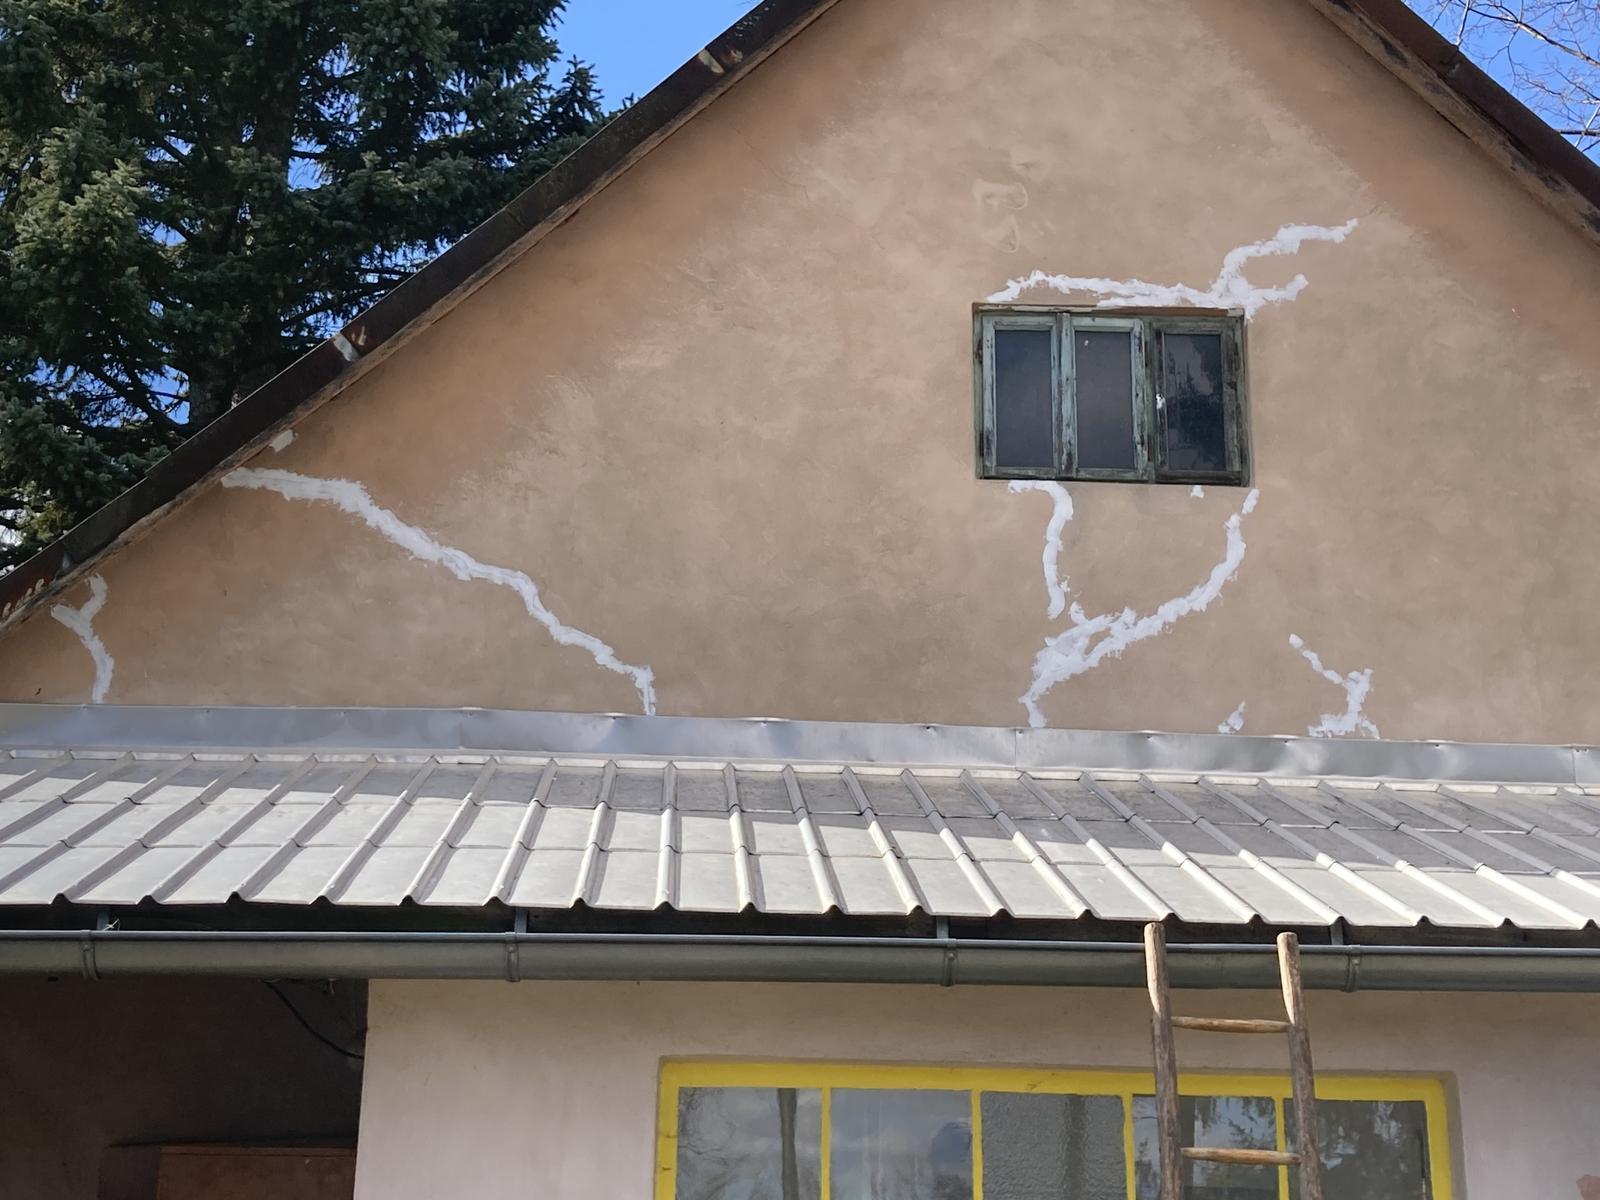 Dom - .. už len okno a fasádu natrieť...